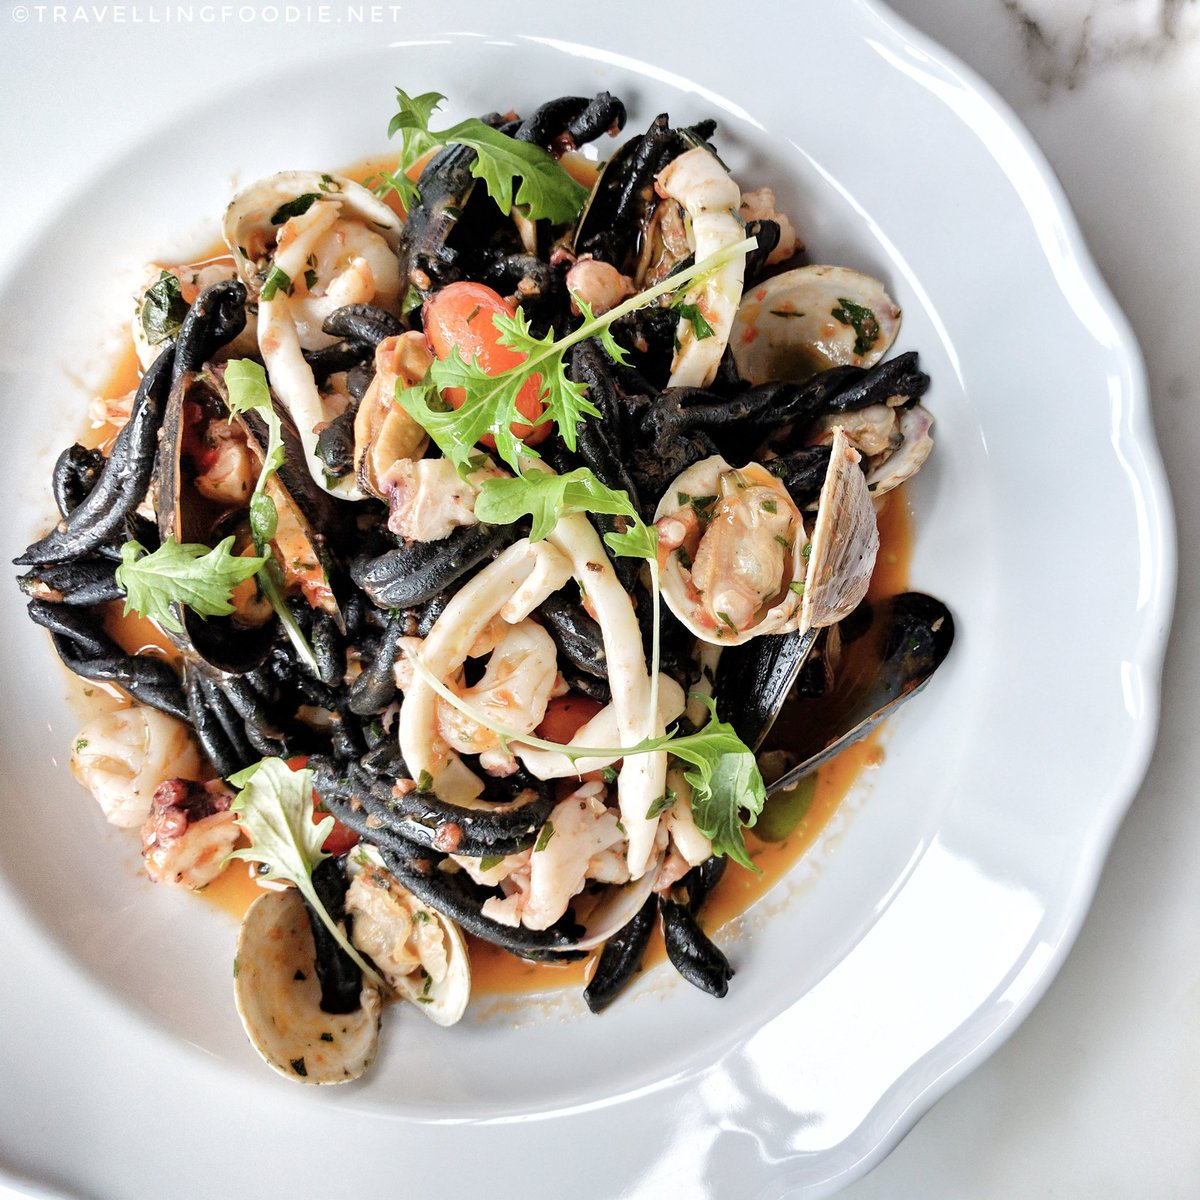 Casarecce Nero pasta at Chef Mark McEwan's Fabbrica in Toronto